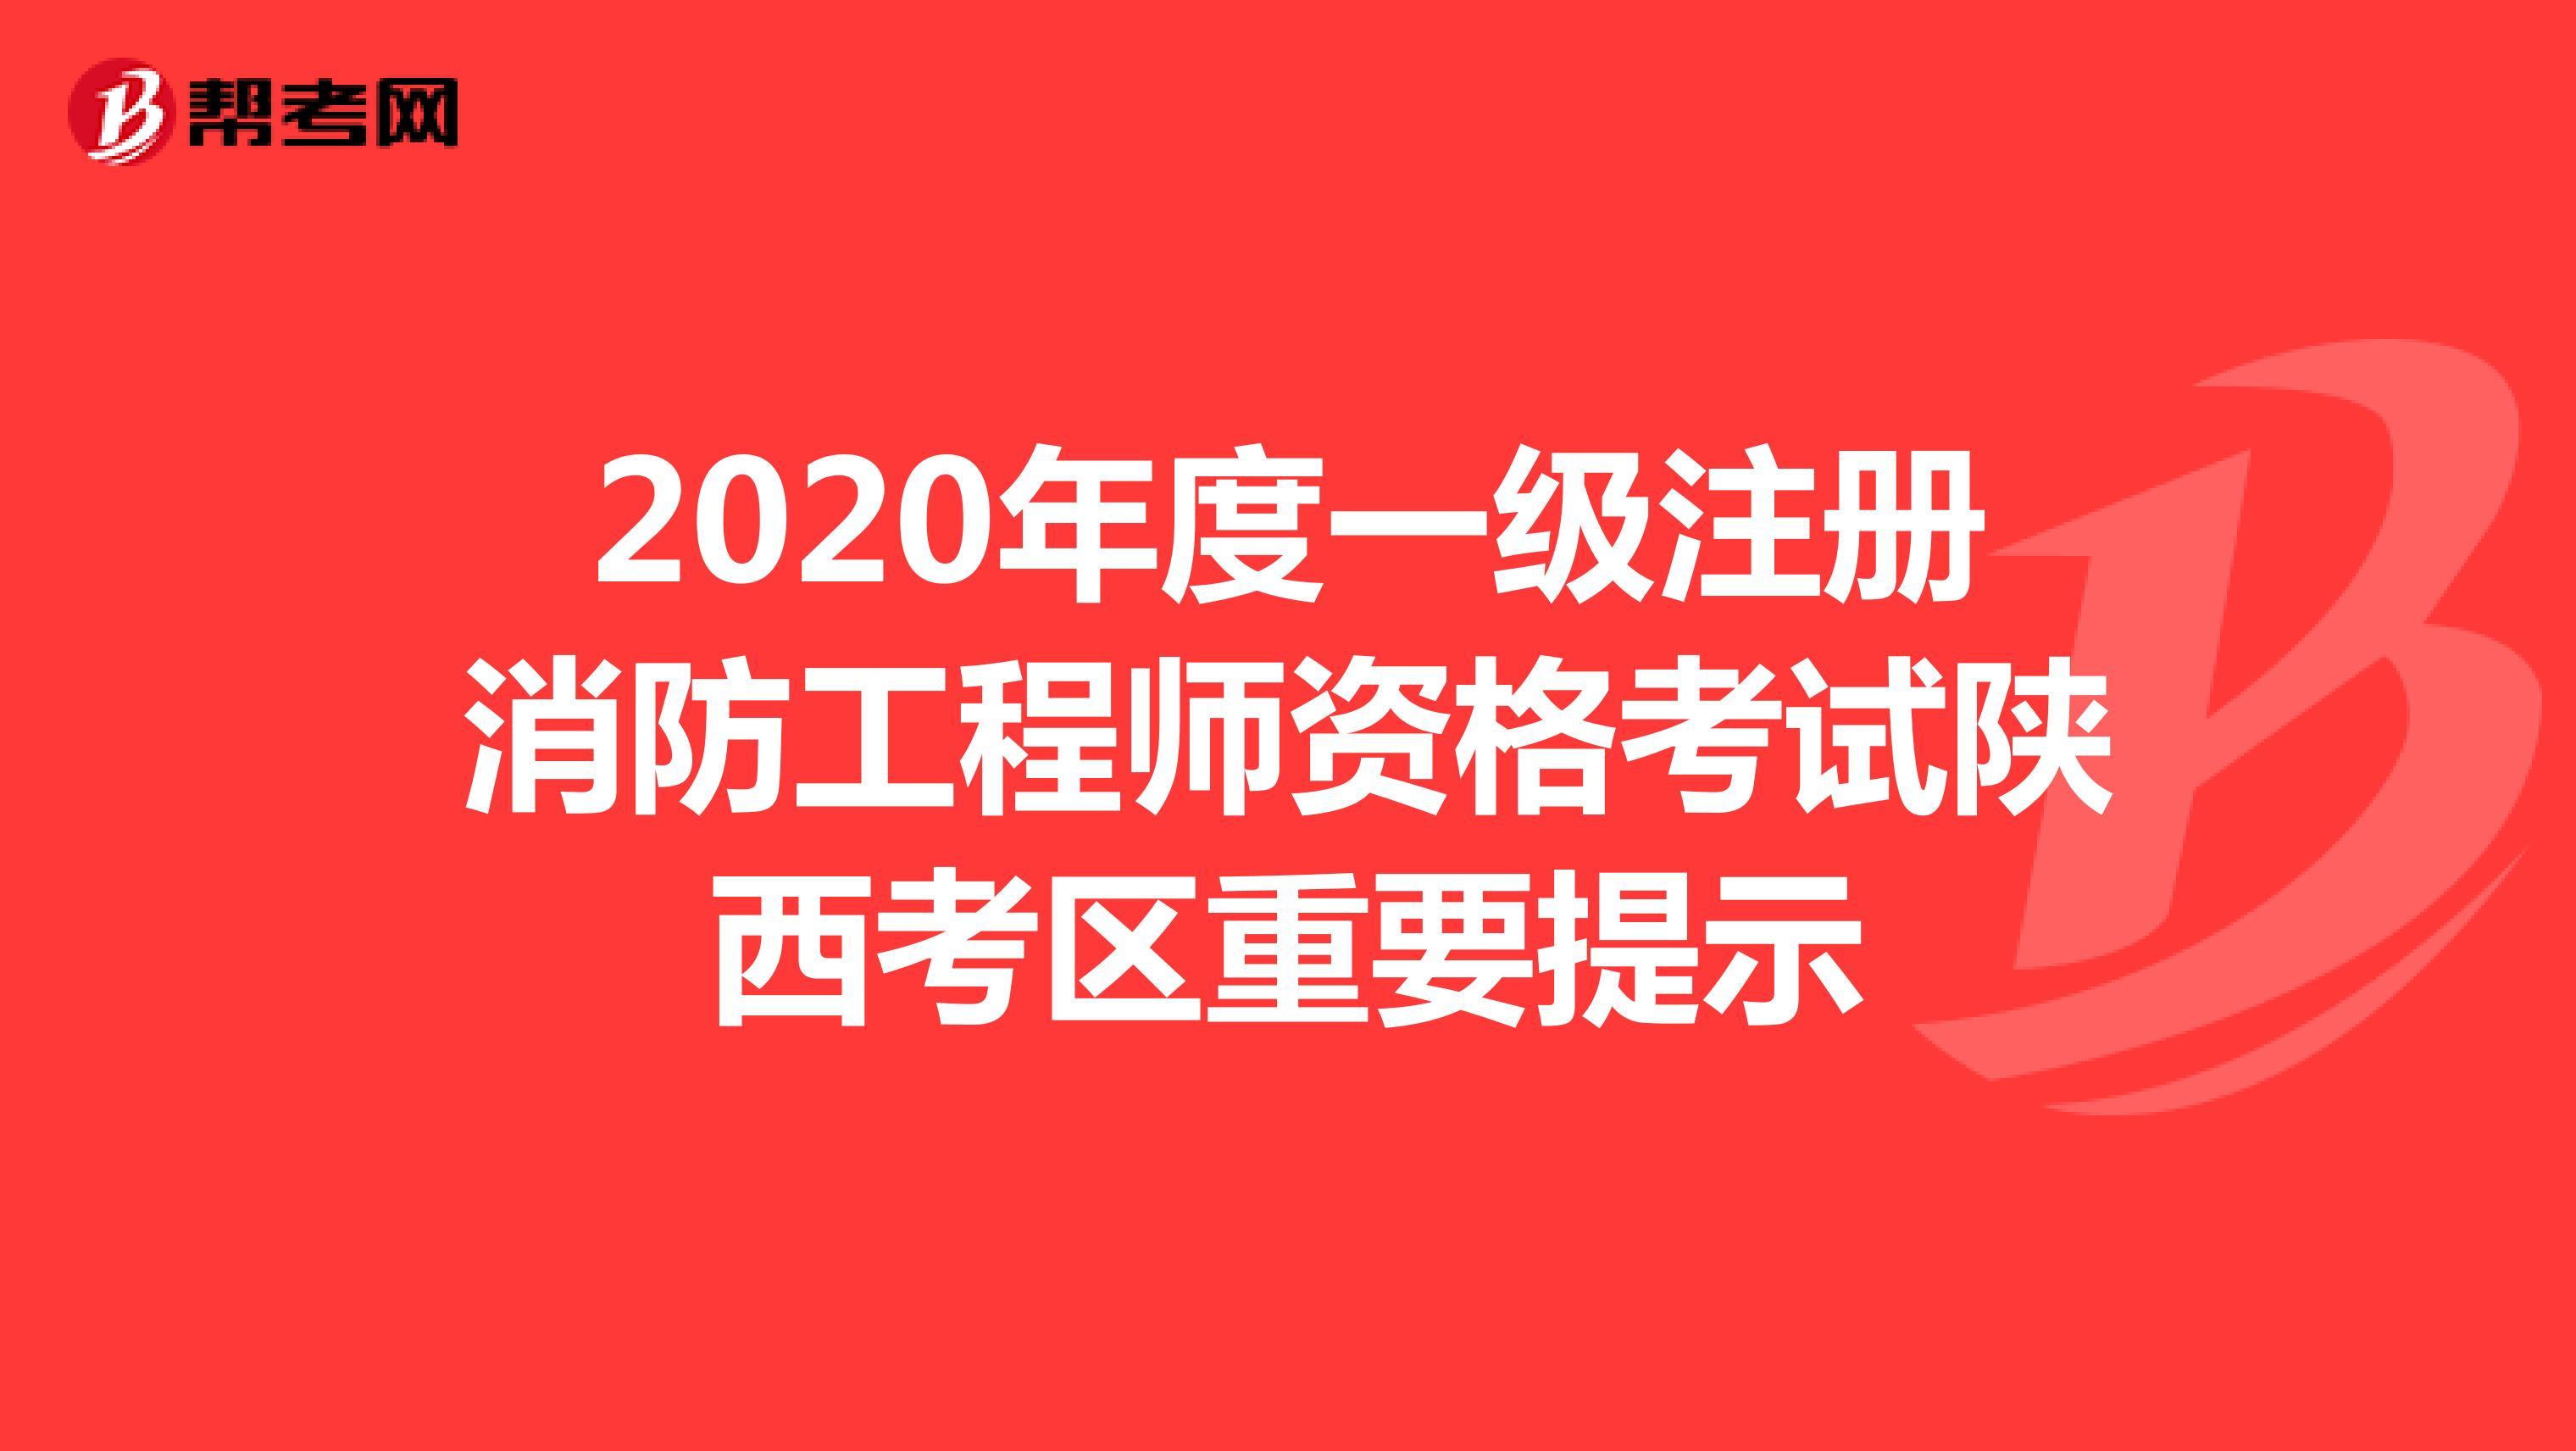 2020年度一级注册消防工程师资格Beplay官方陕西考区重要提示